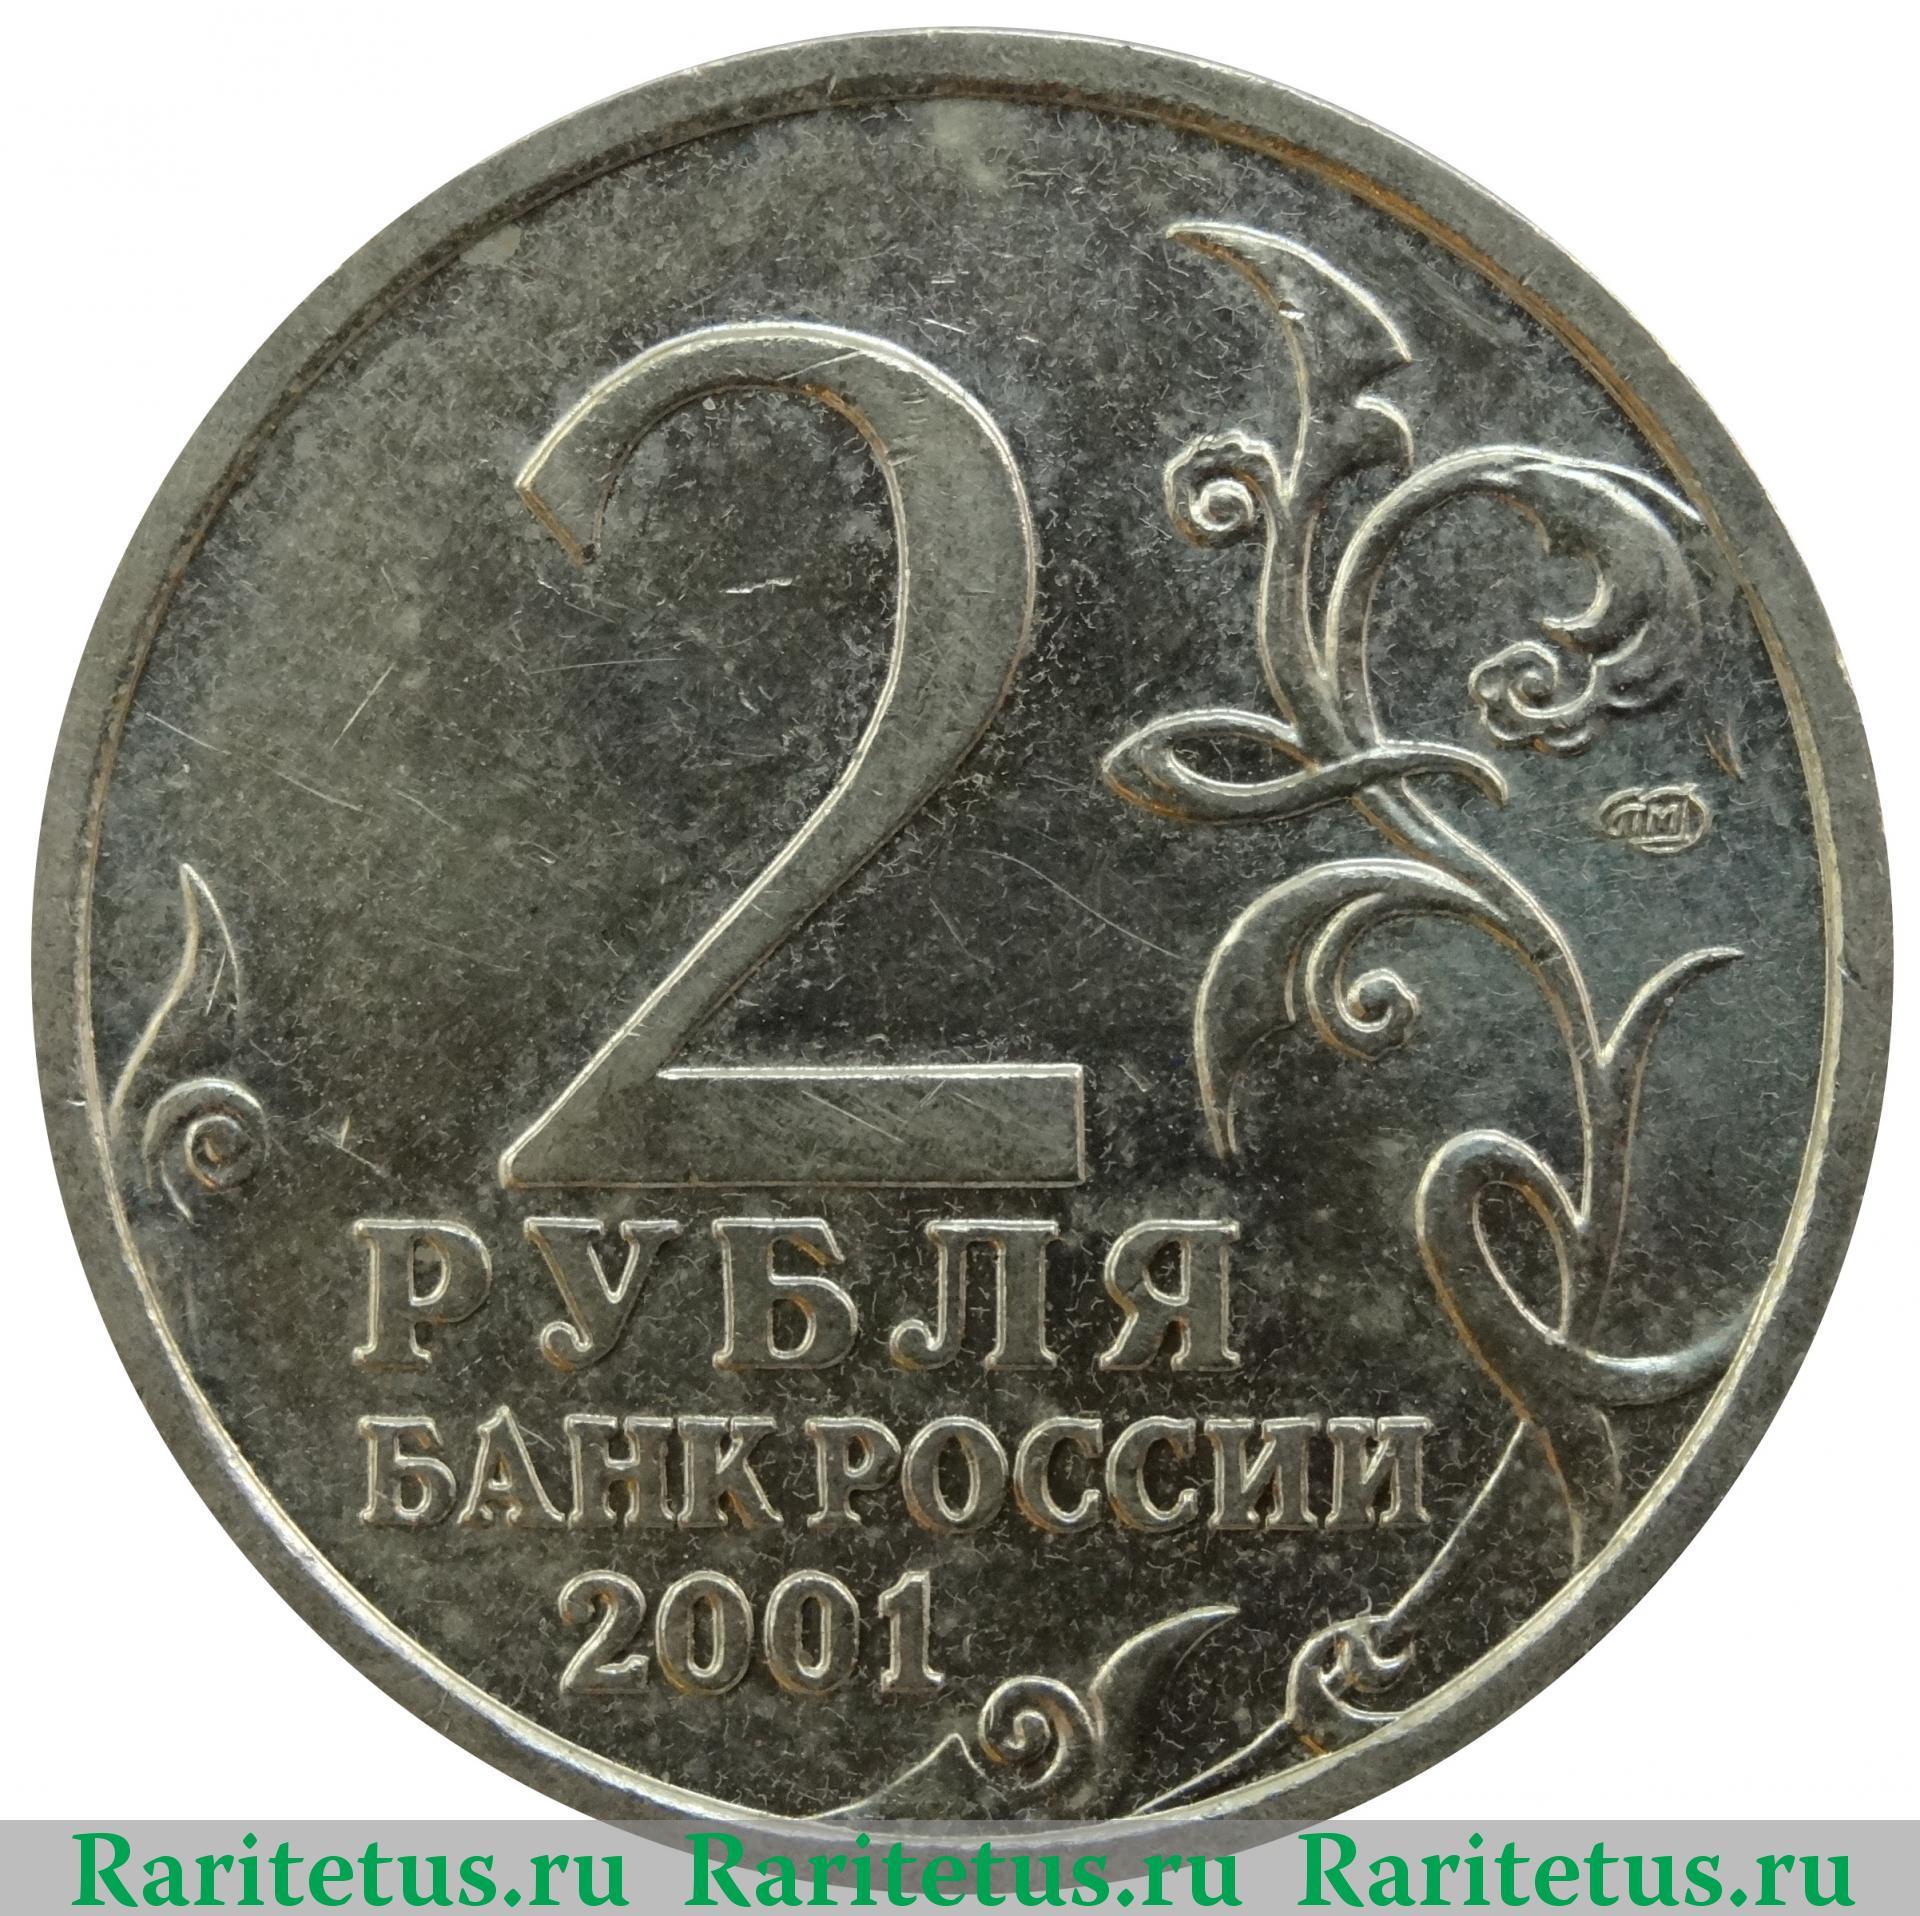 Монета 2001г гагарин стихи про монетки